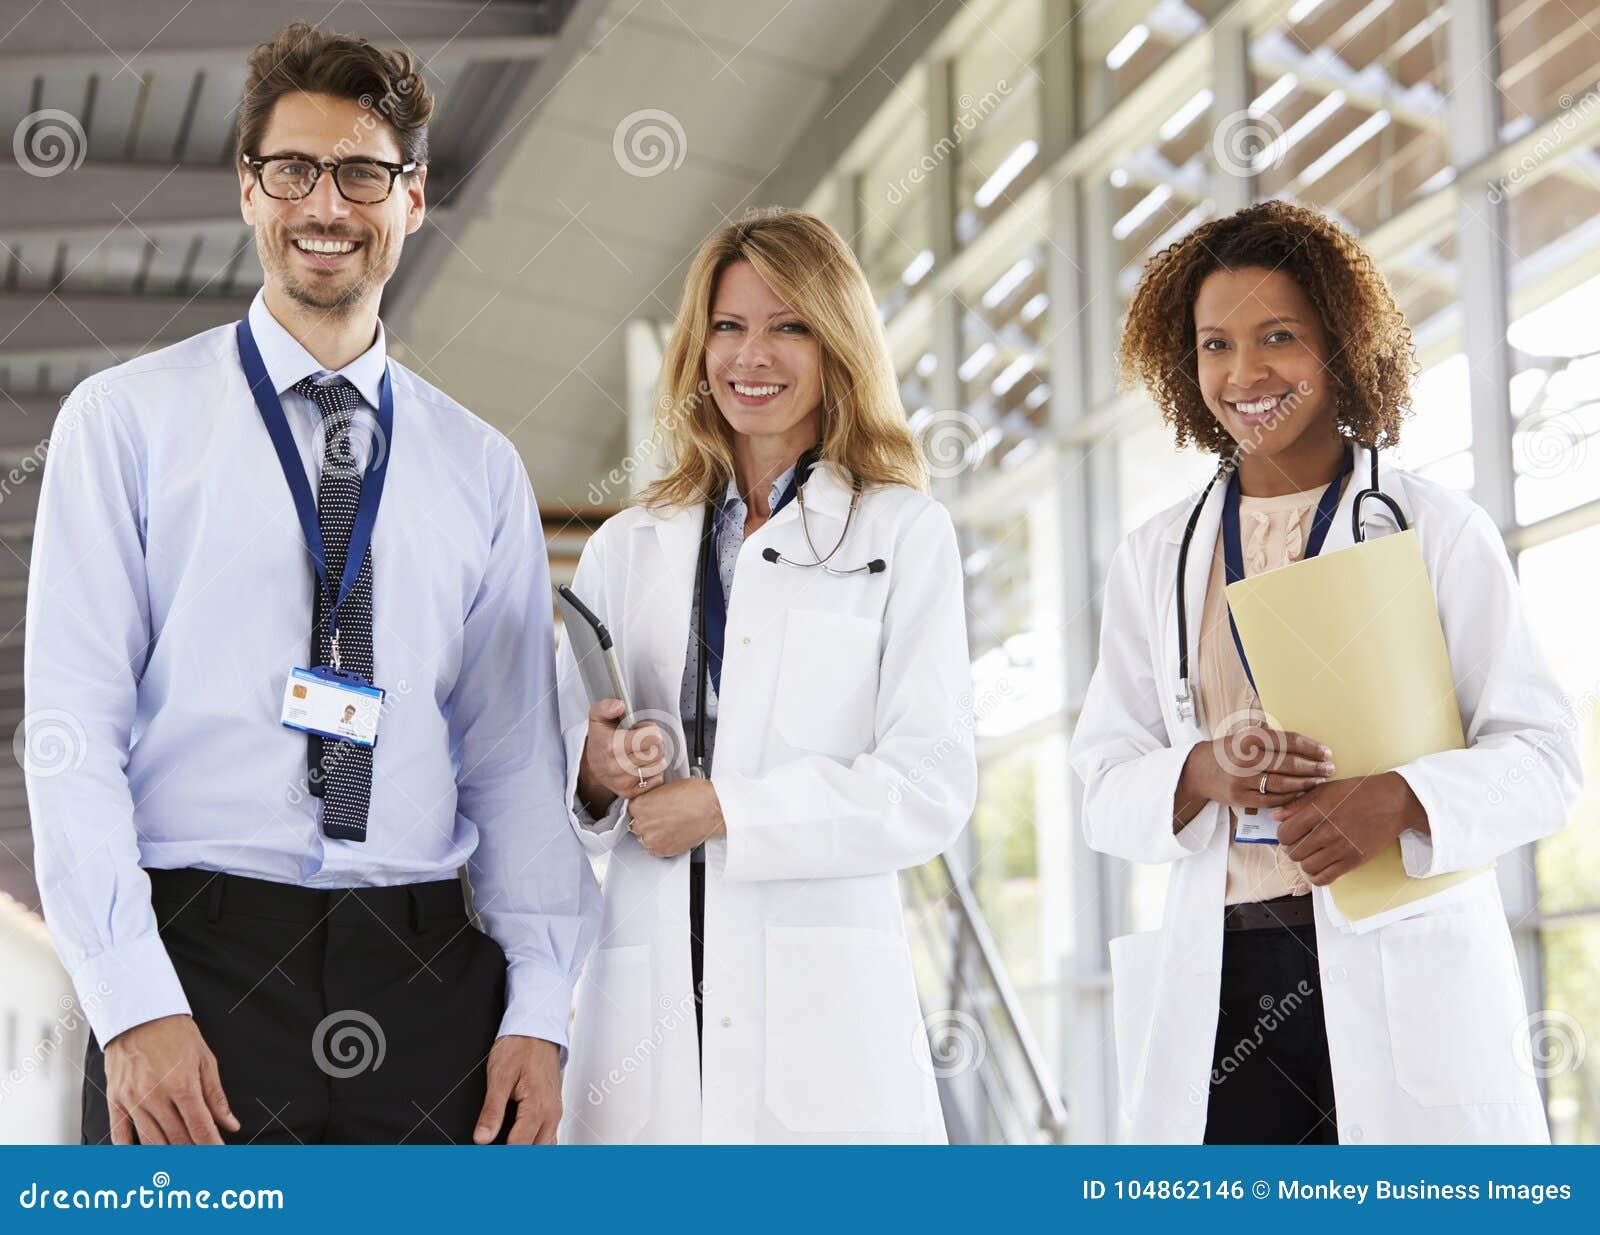 Portret die van drie mannelijke en vrouwelijke artsen, aan camera kijken